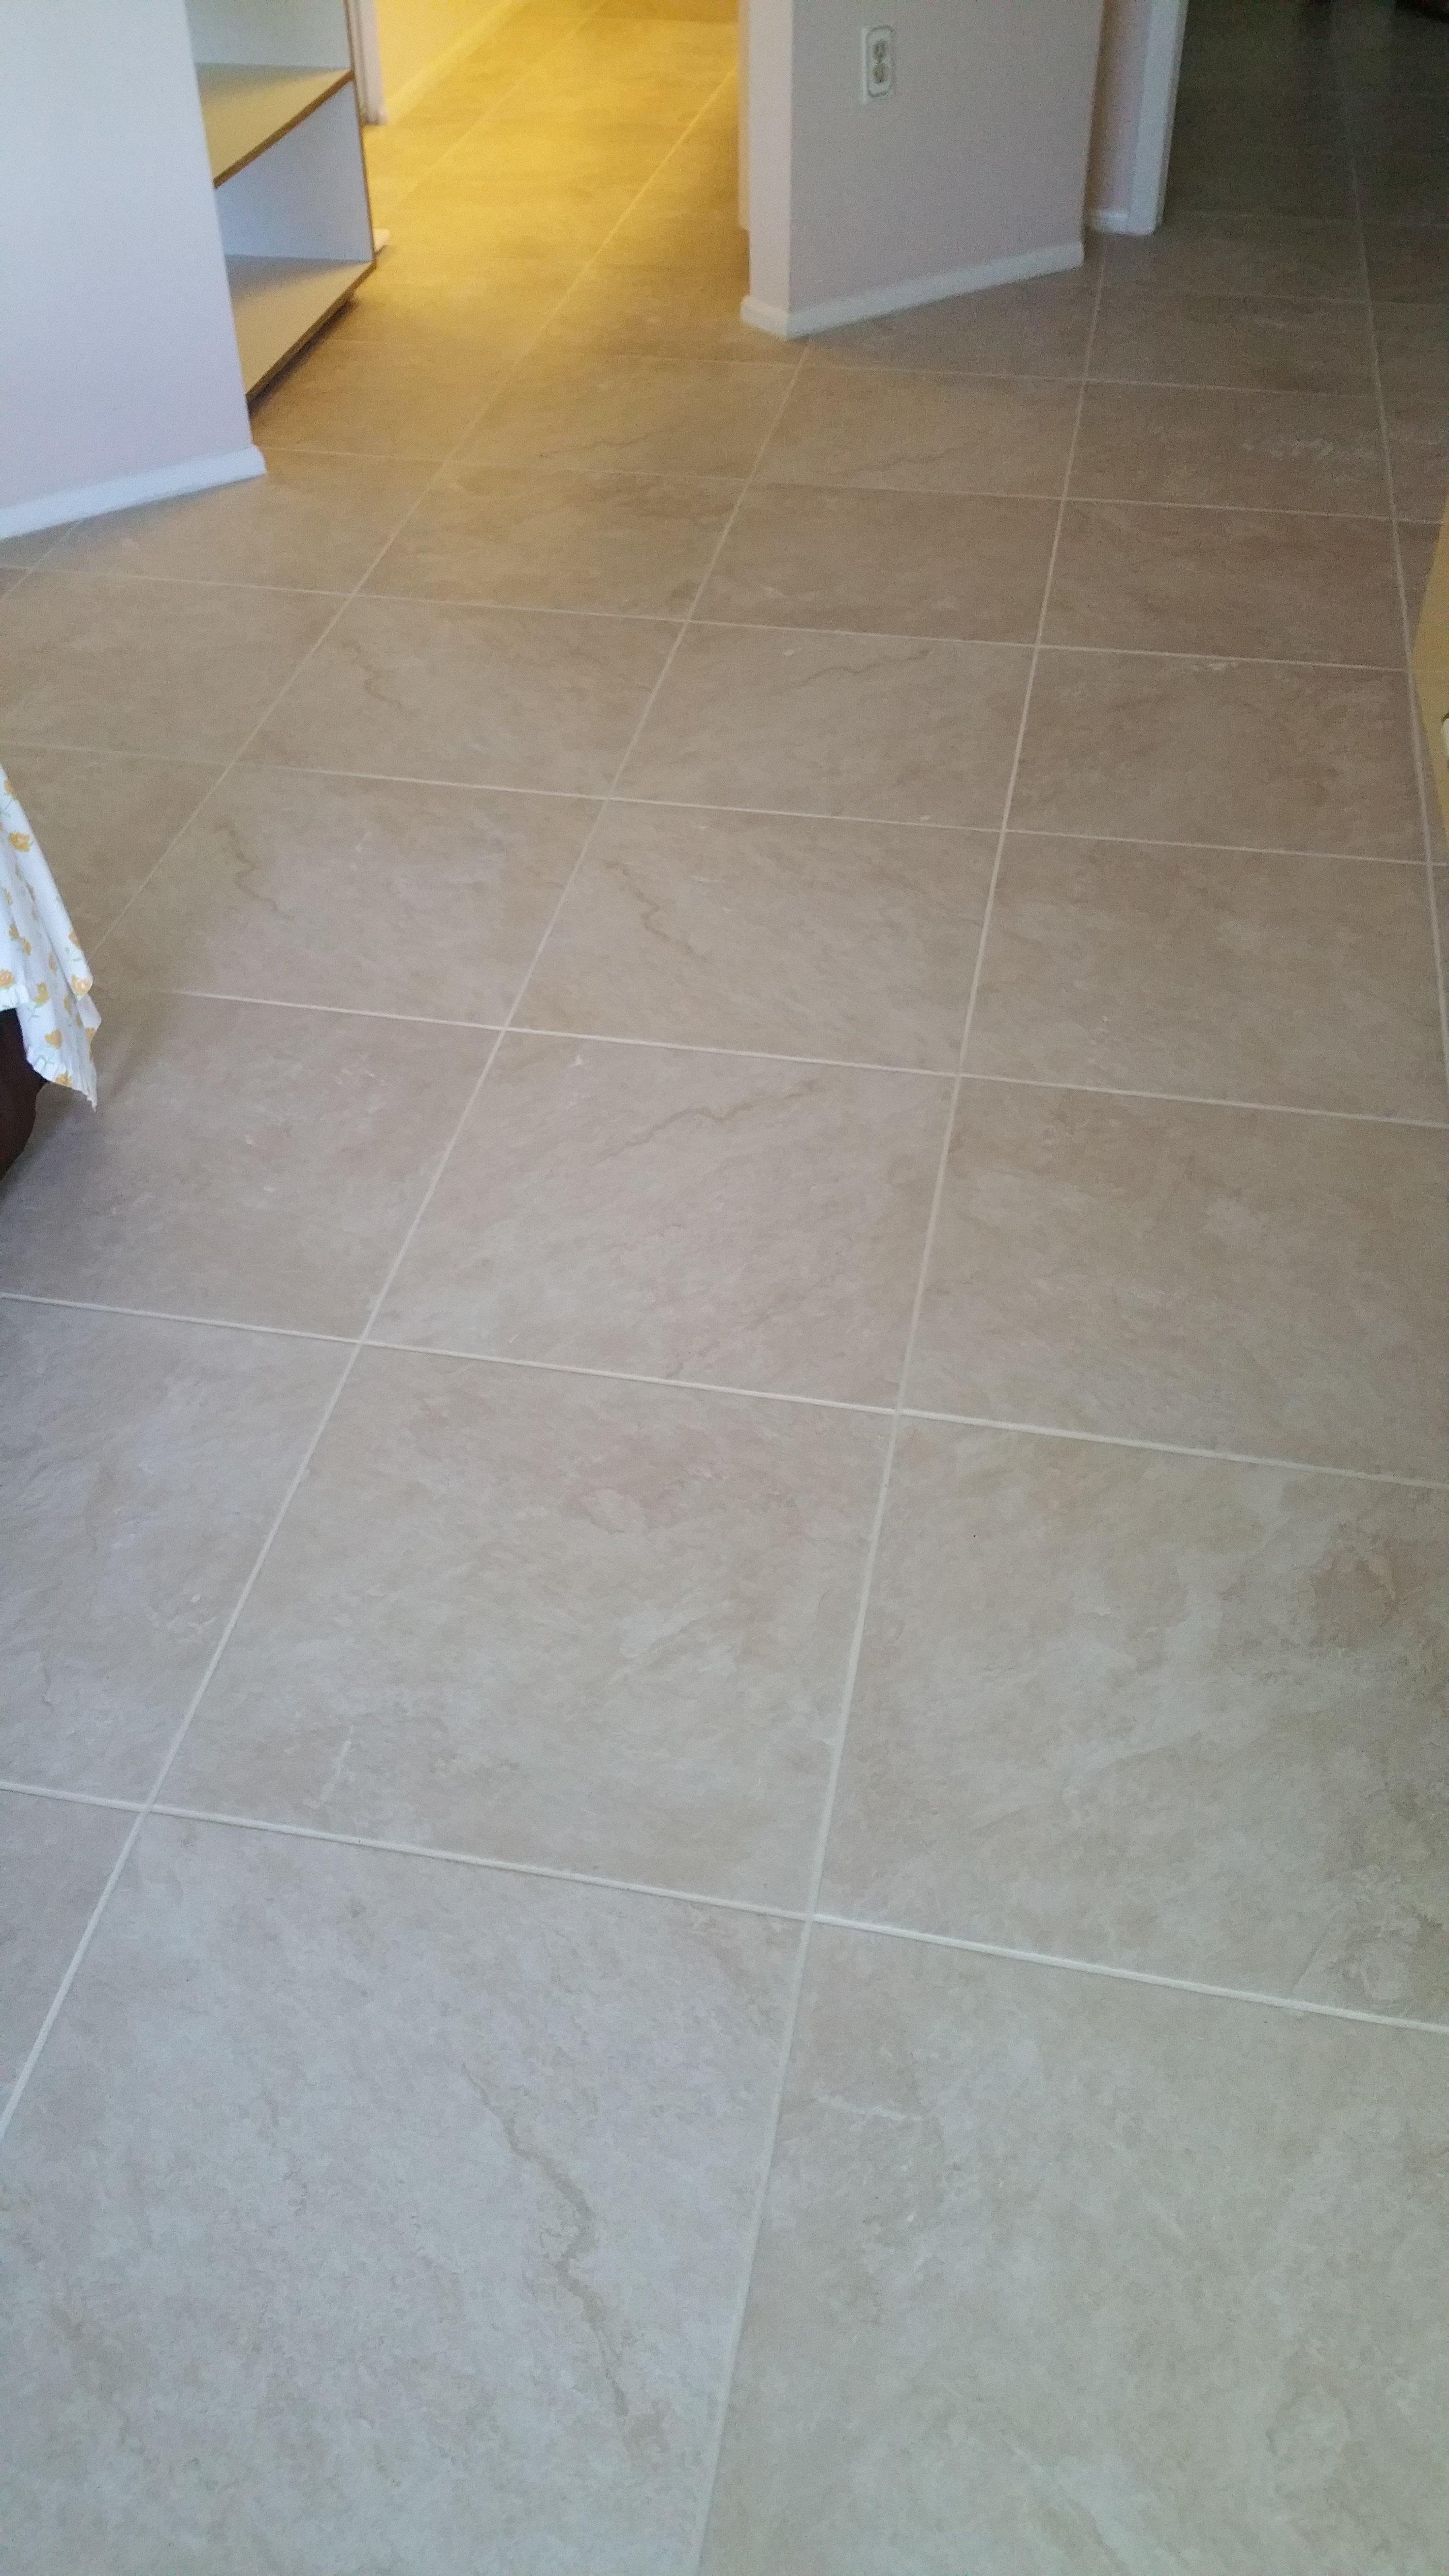 pale tan square tiling